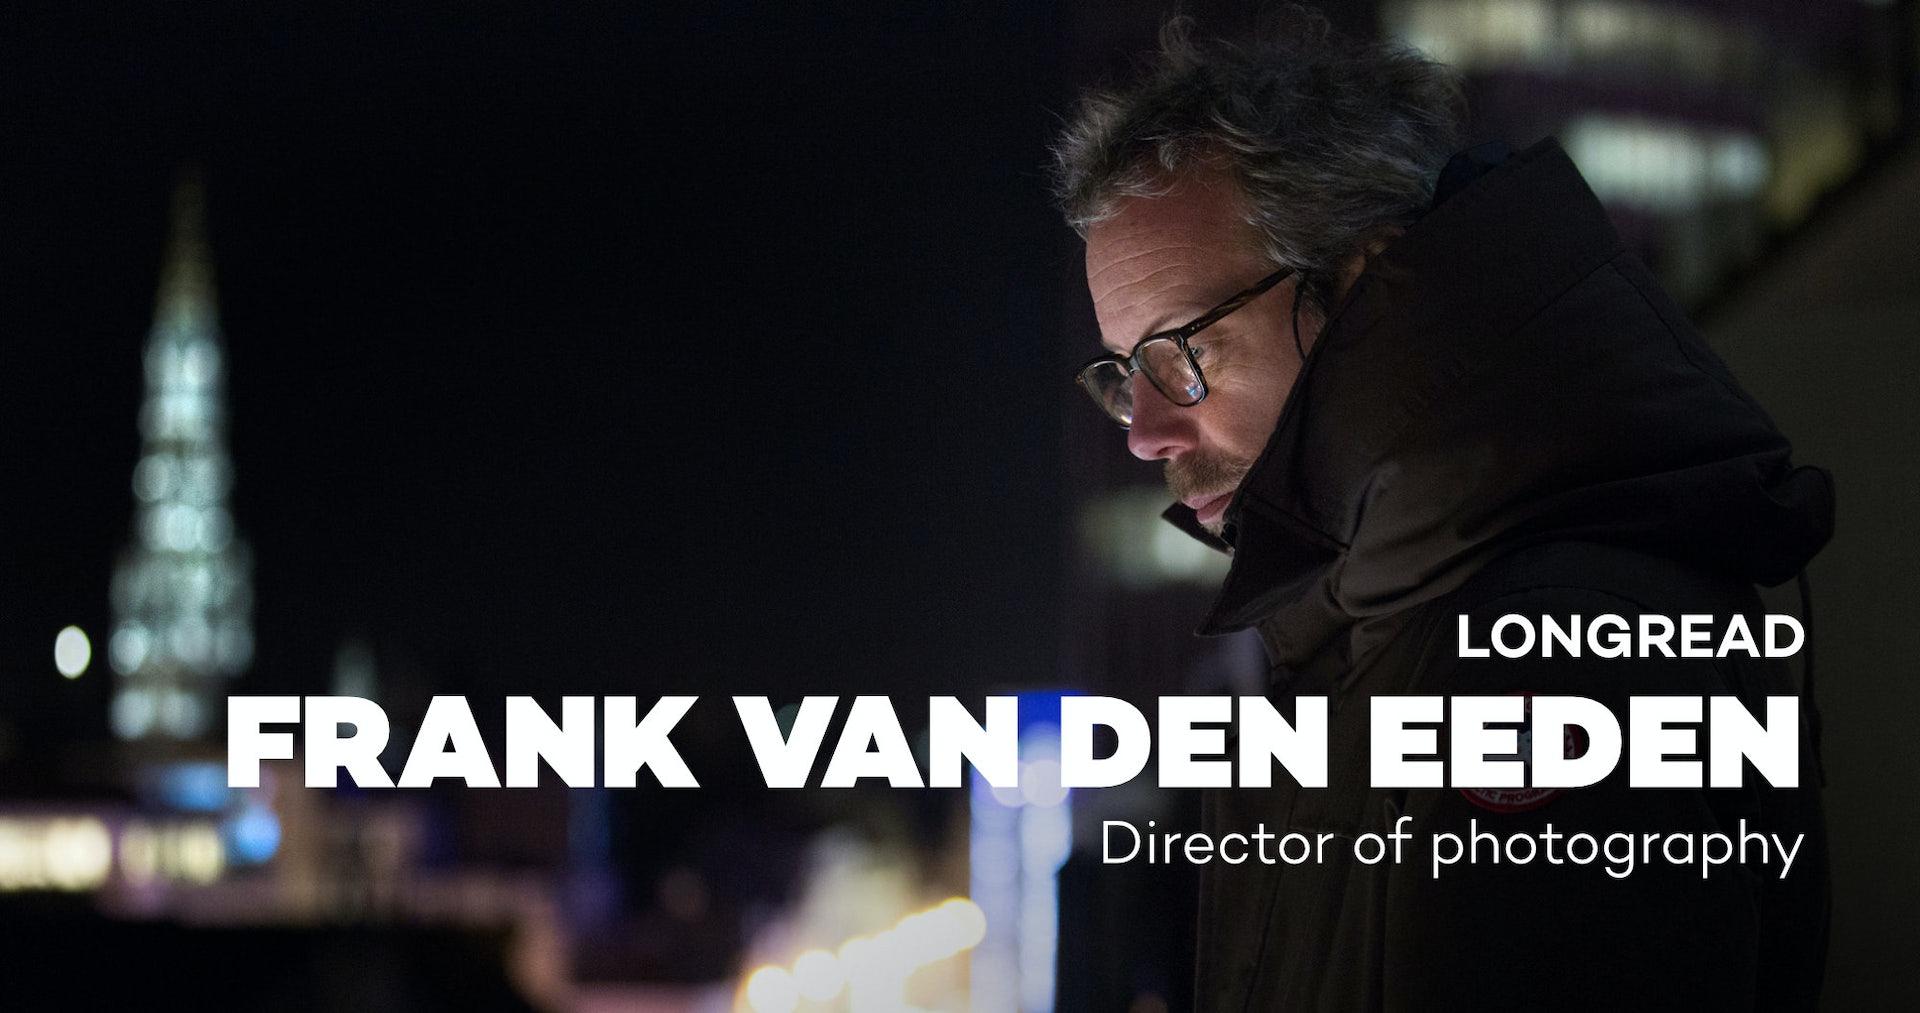 De veelzijdigheid van DOP Frank van den Eeden